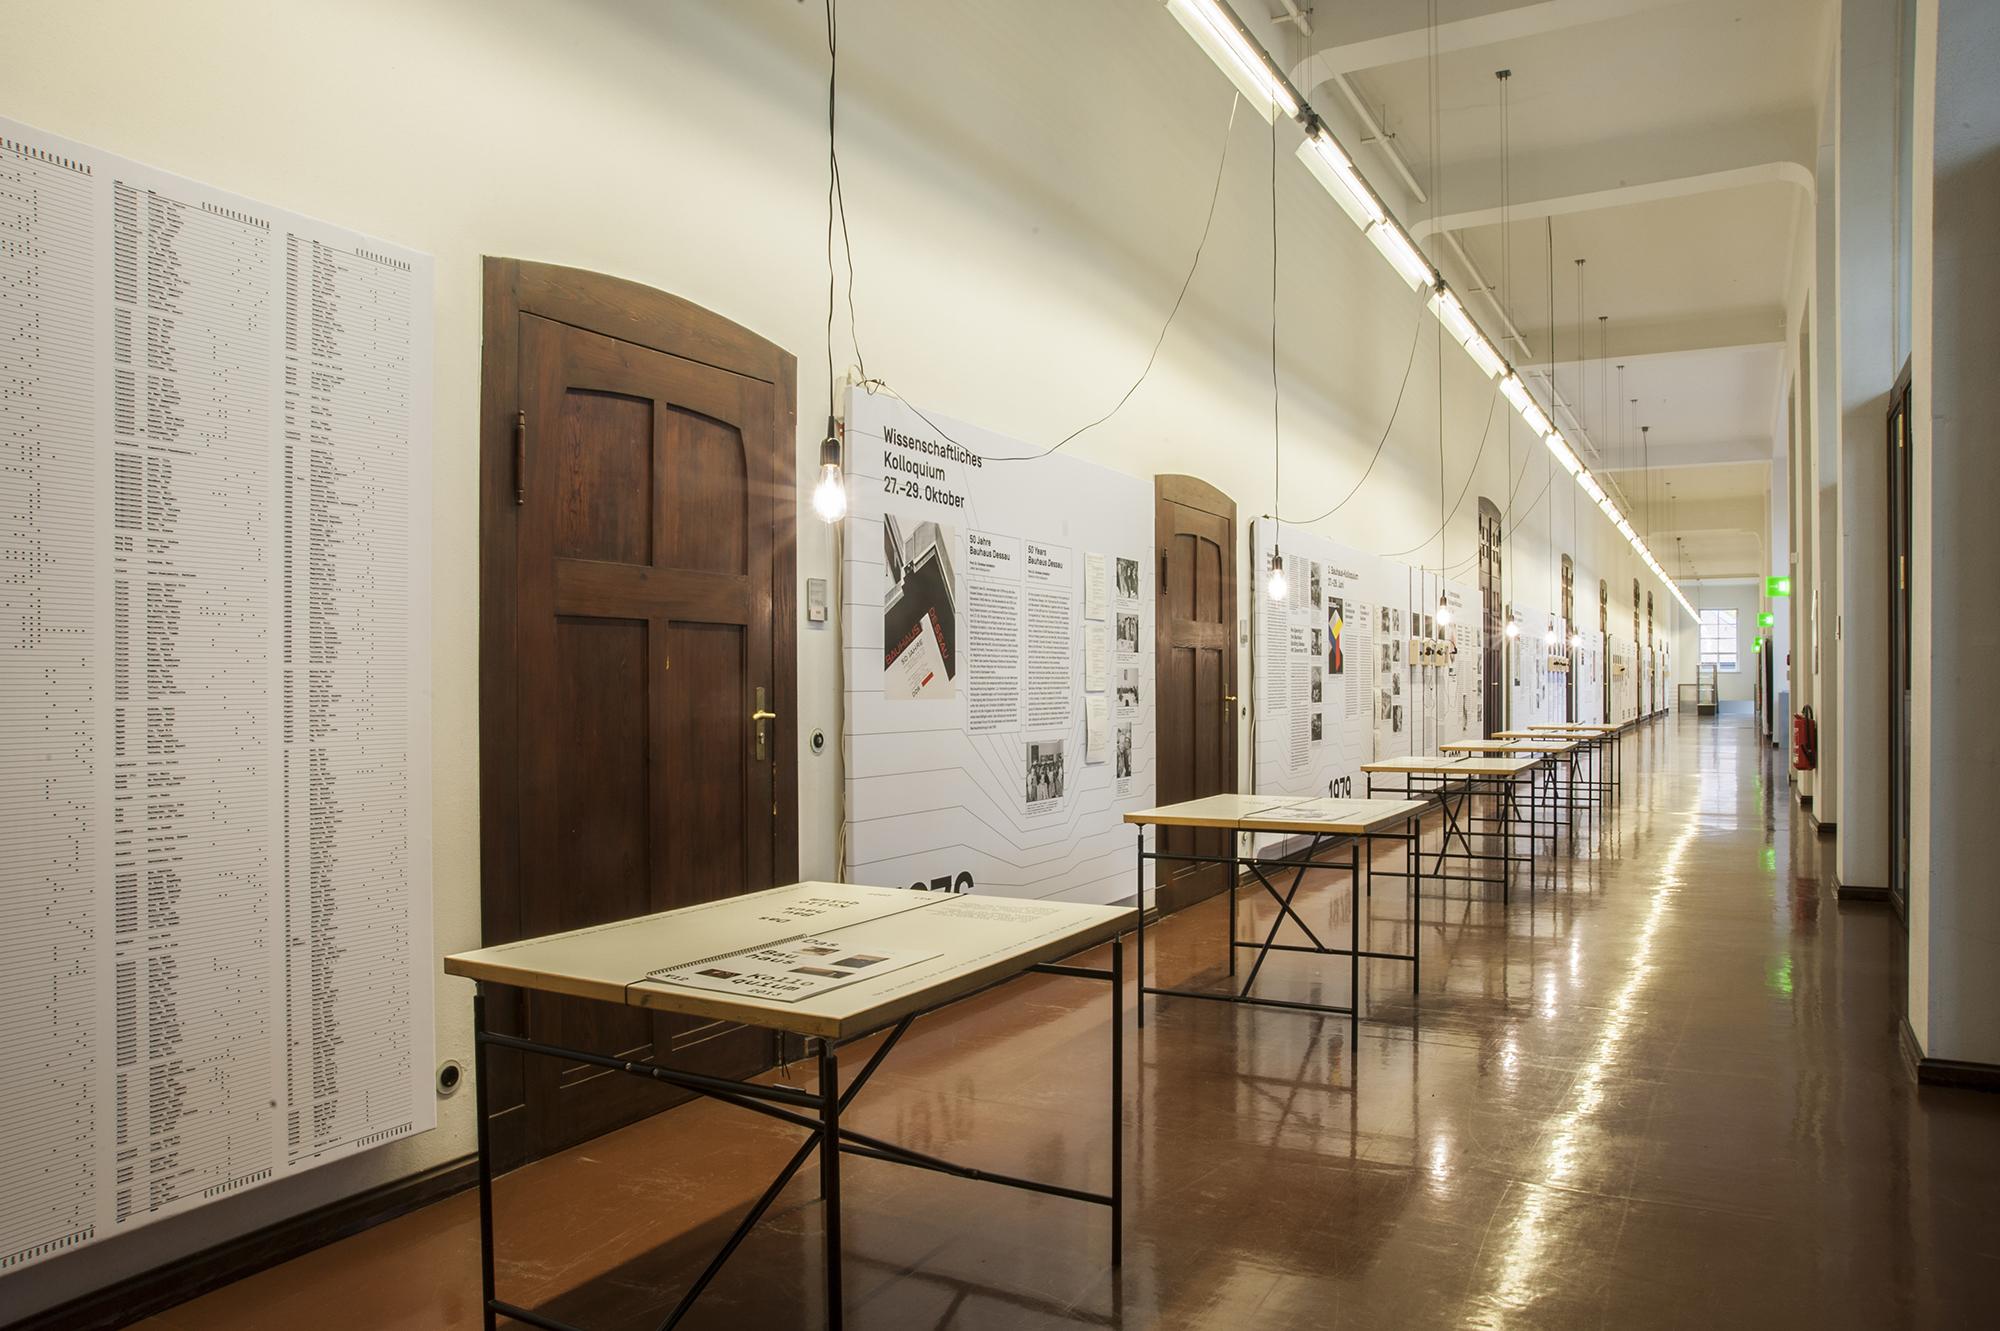 Ausstellung über die Geschichte der Bauhaus-Kolloquien im Hauptgebäude, 2016. Fotografin: Ortrun Bargholz, Weimar